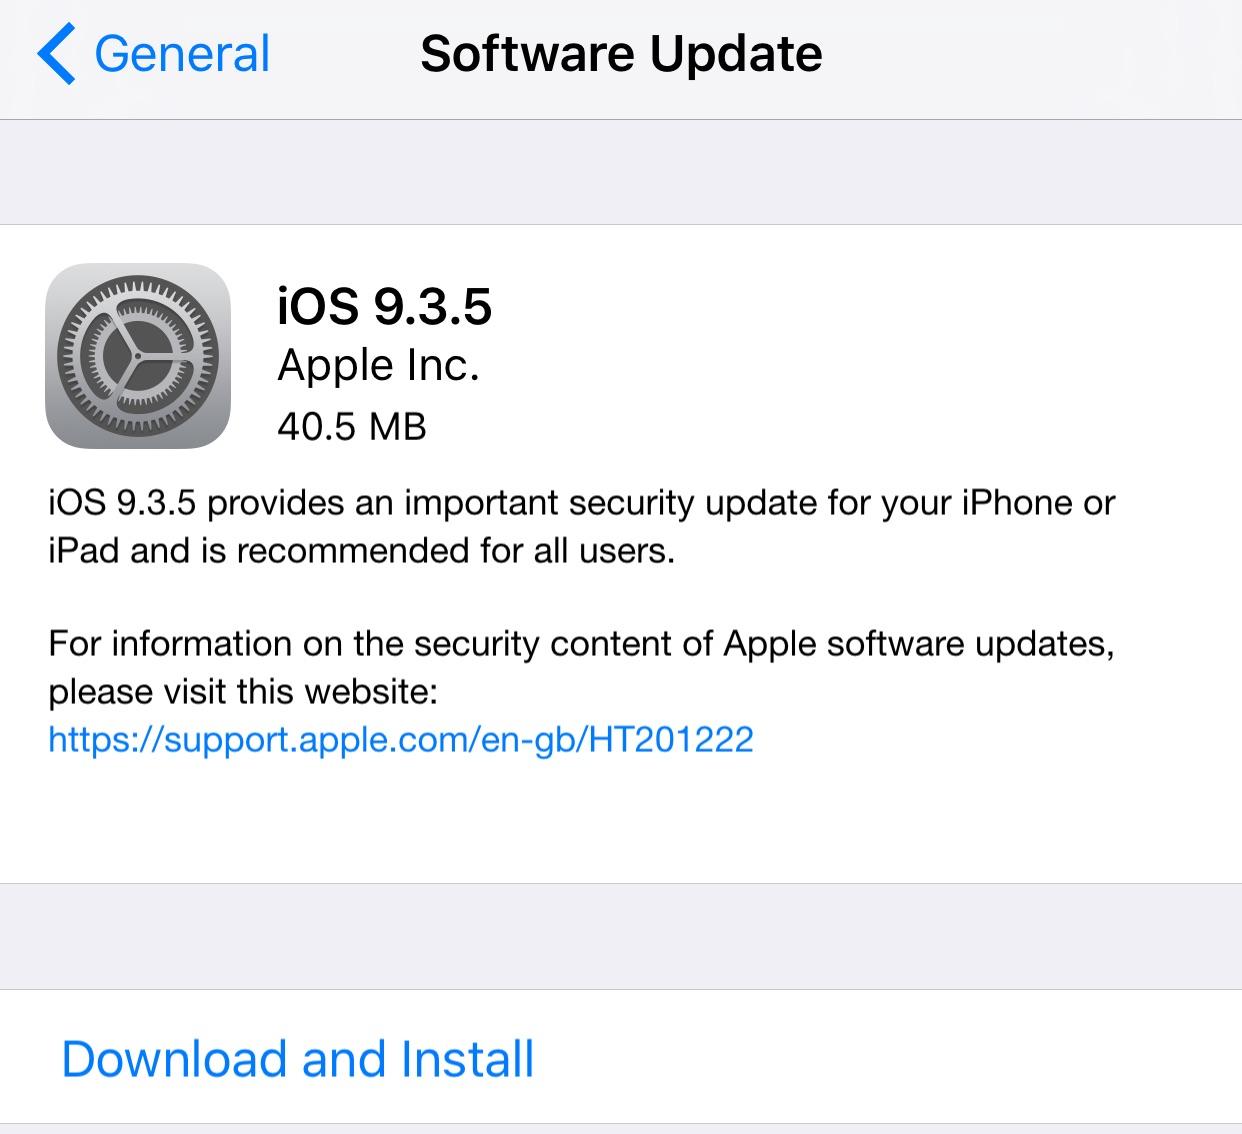 iOS 9.3.5 Update